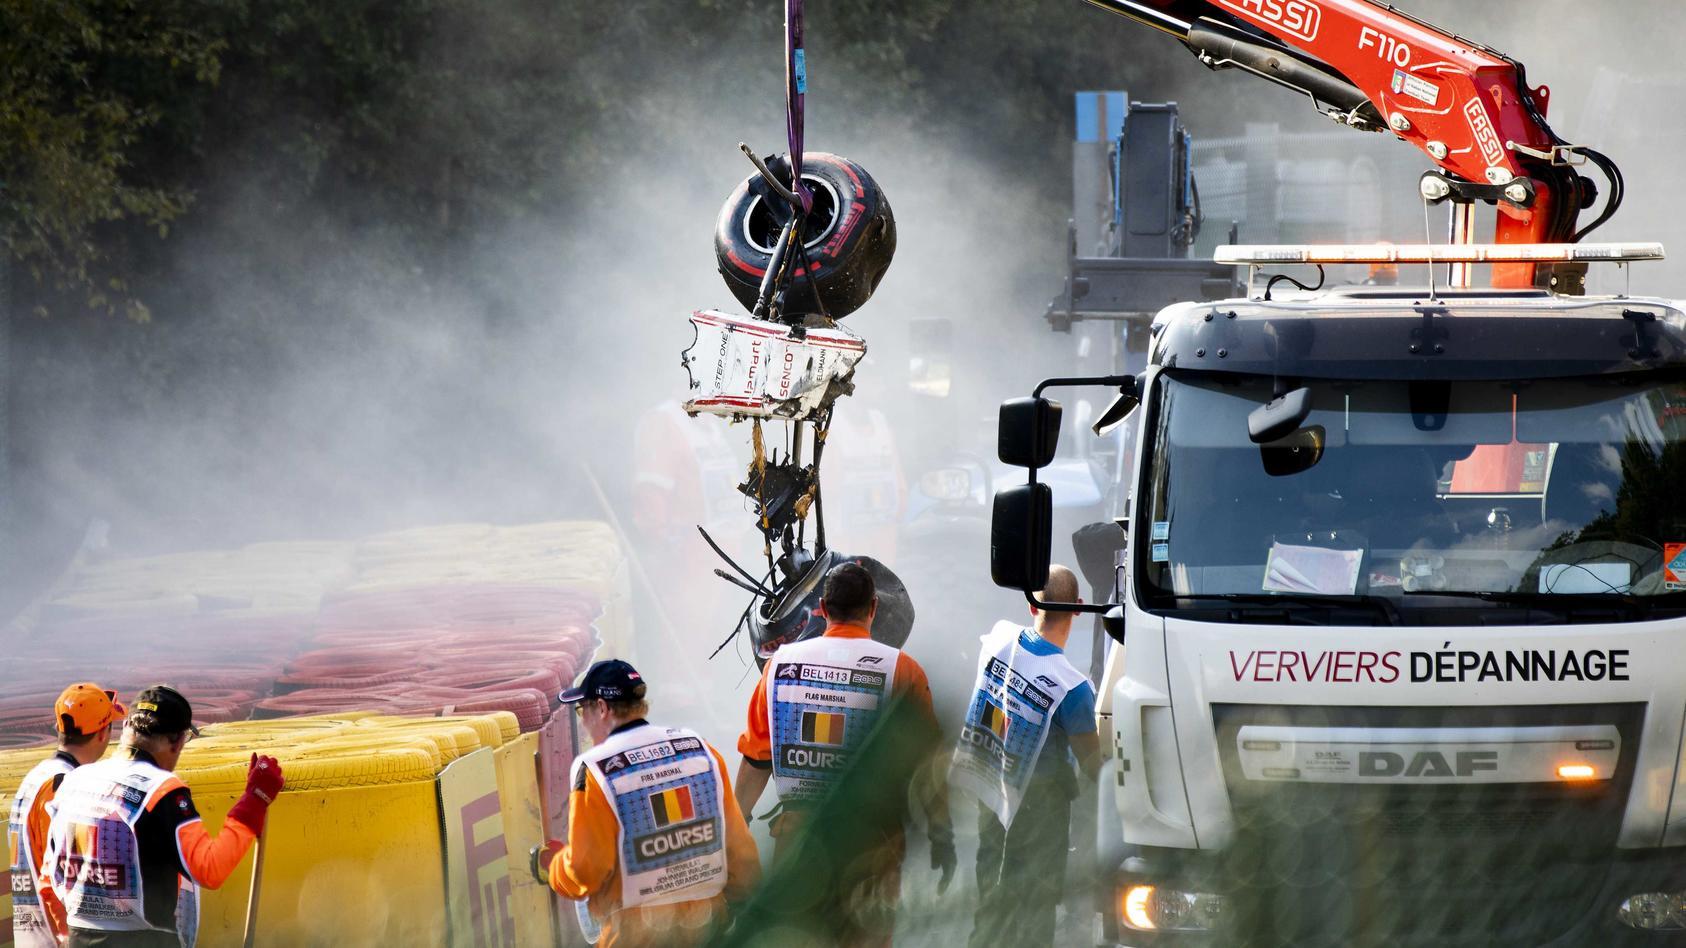 Formel 2 - Unfall beim Großen Preis von Belgien